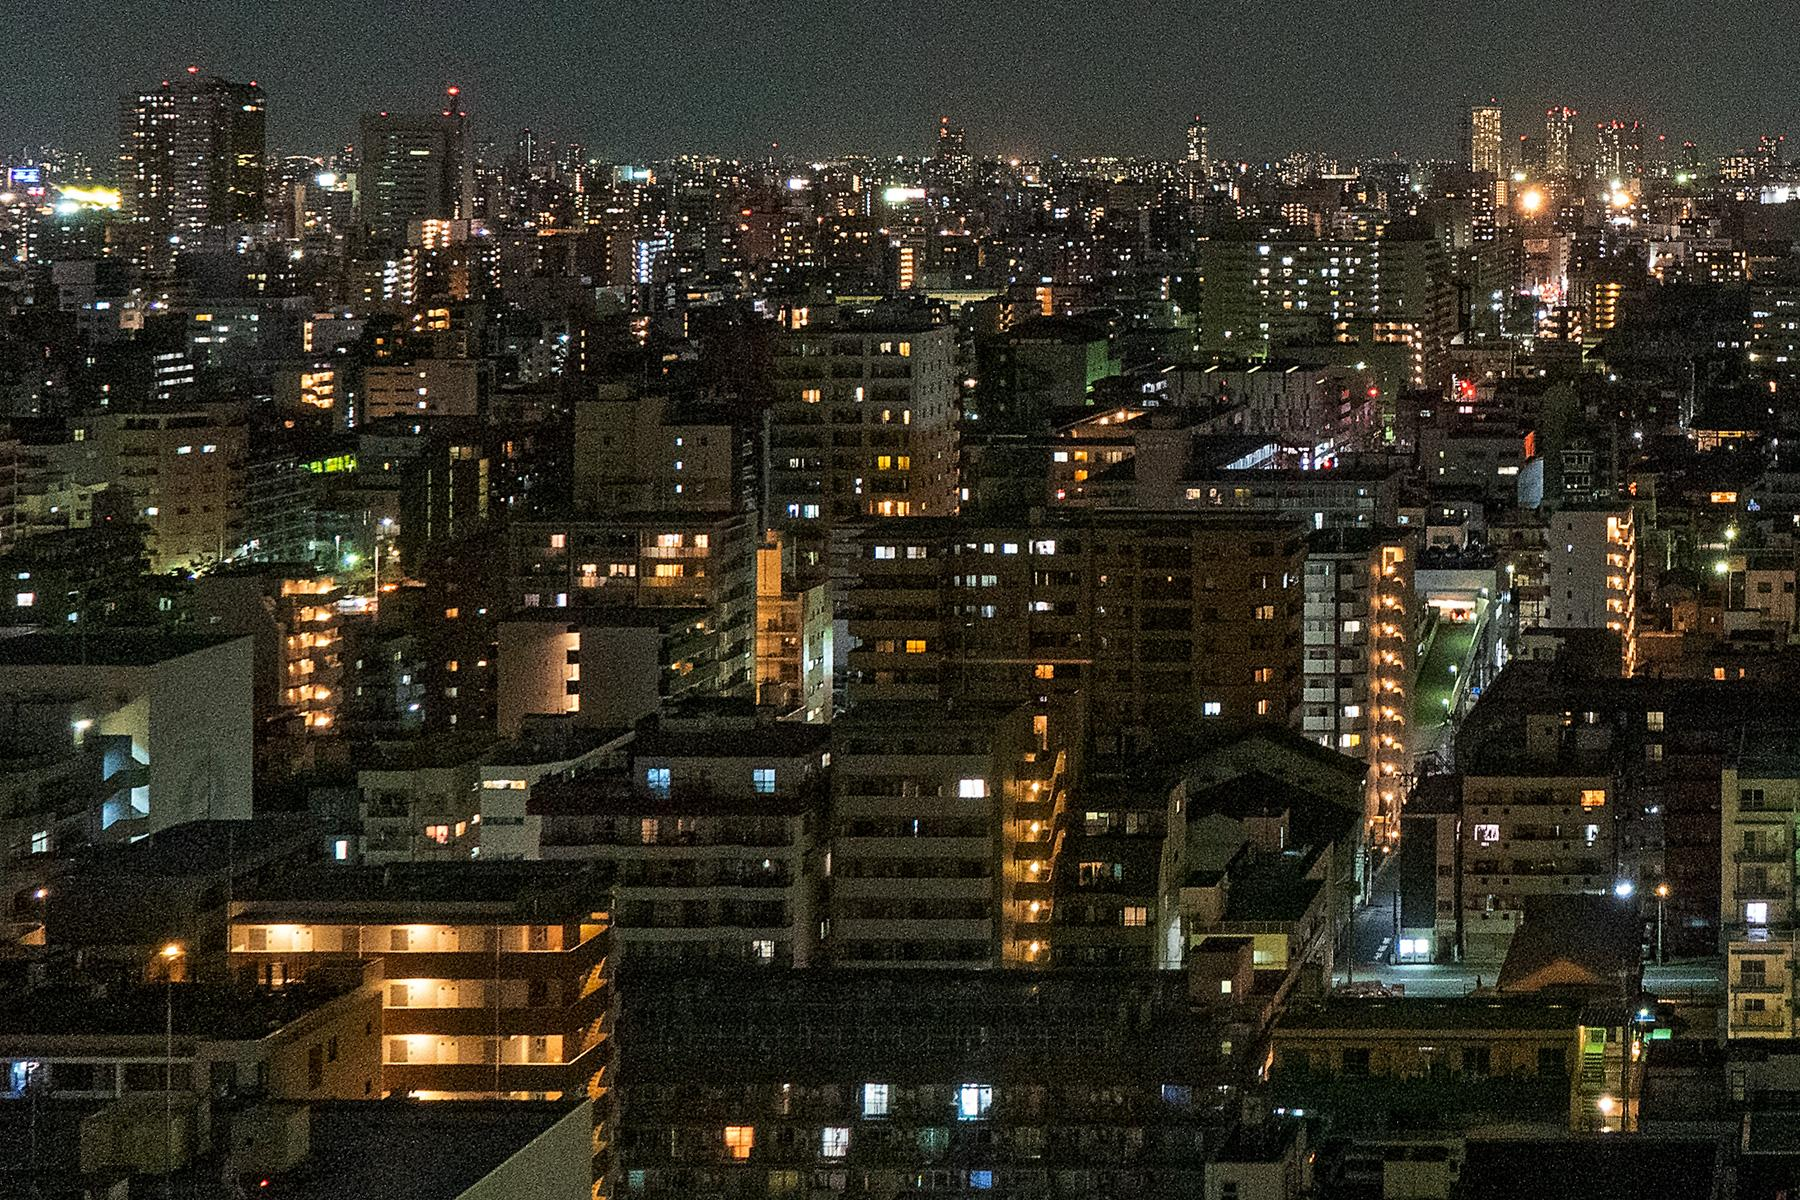 Nächtliches Häusermeer in Tokyo